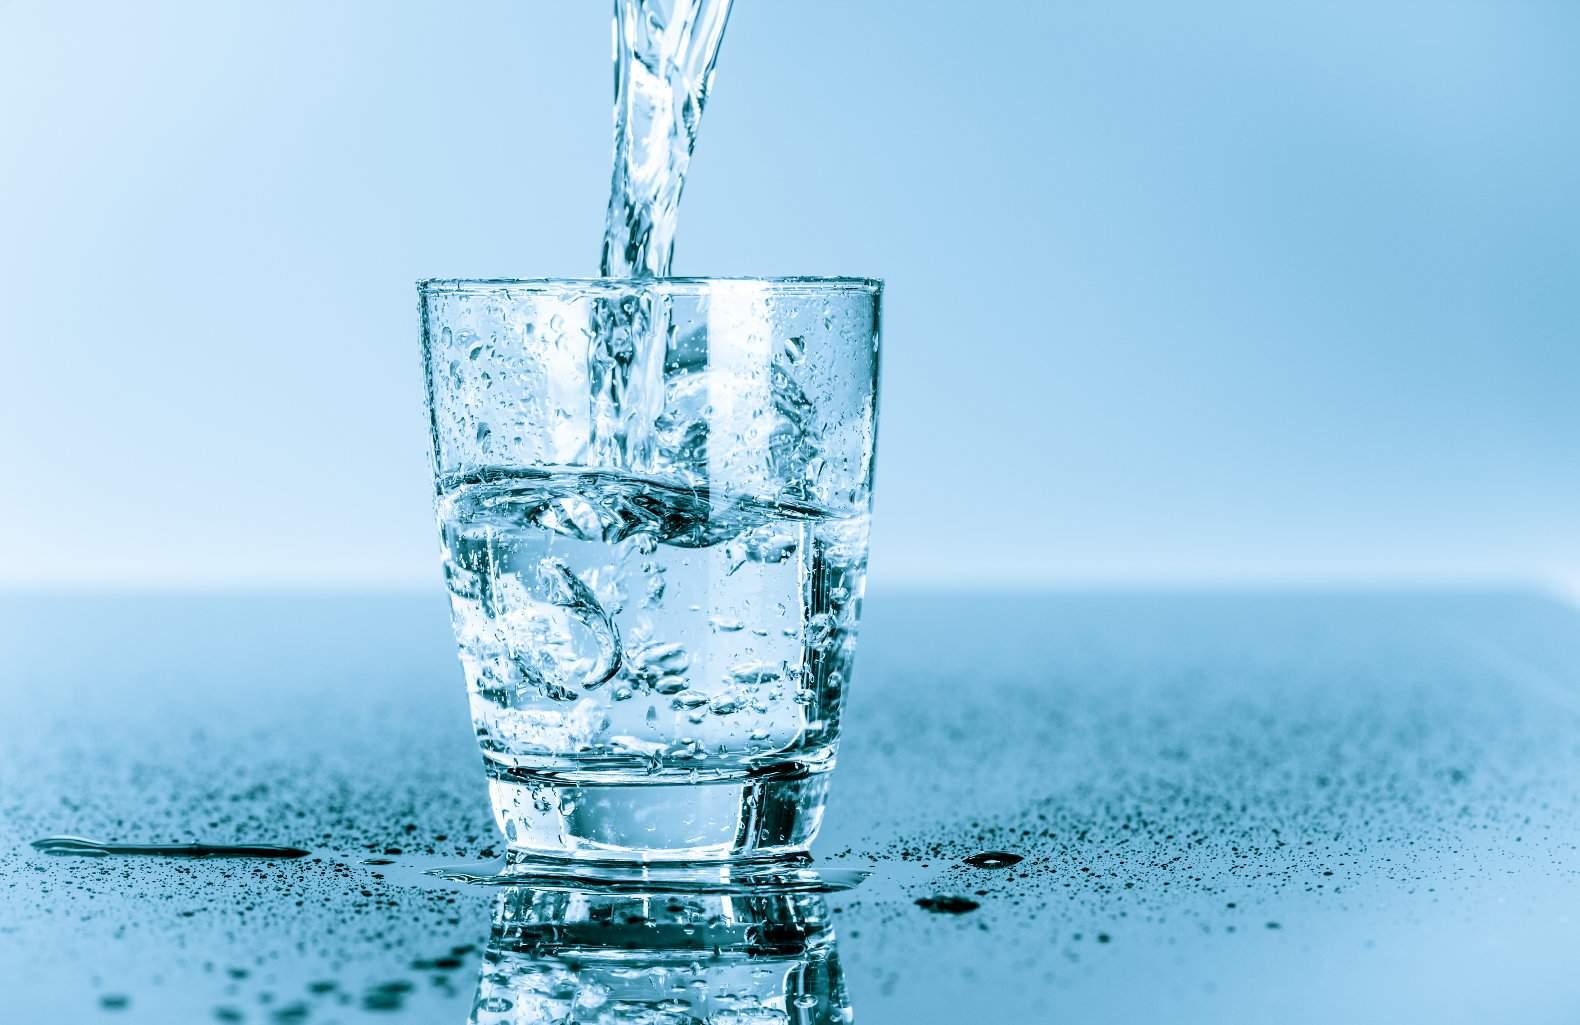 اشربوا الماء على الريق...و اليكم الفوائد المذهلة